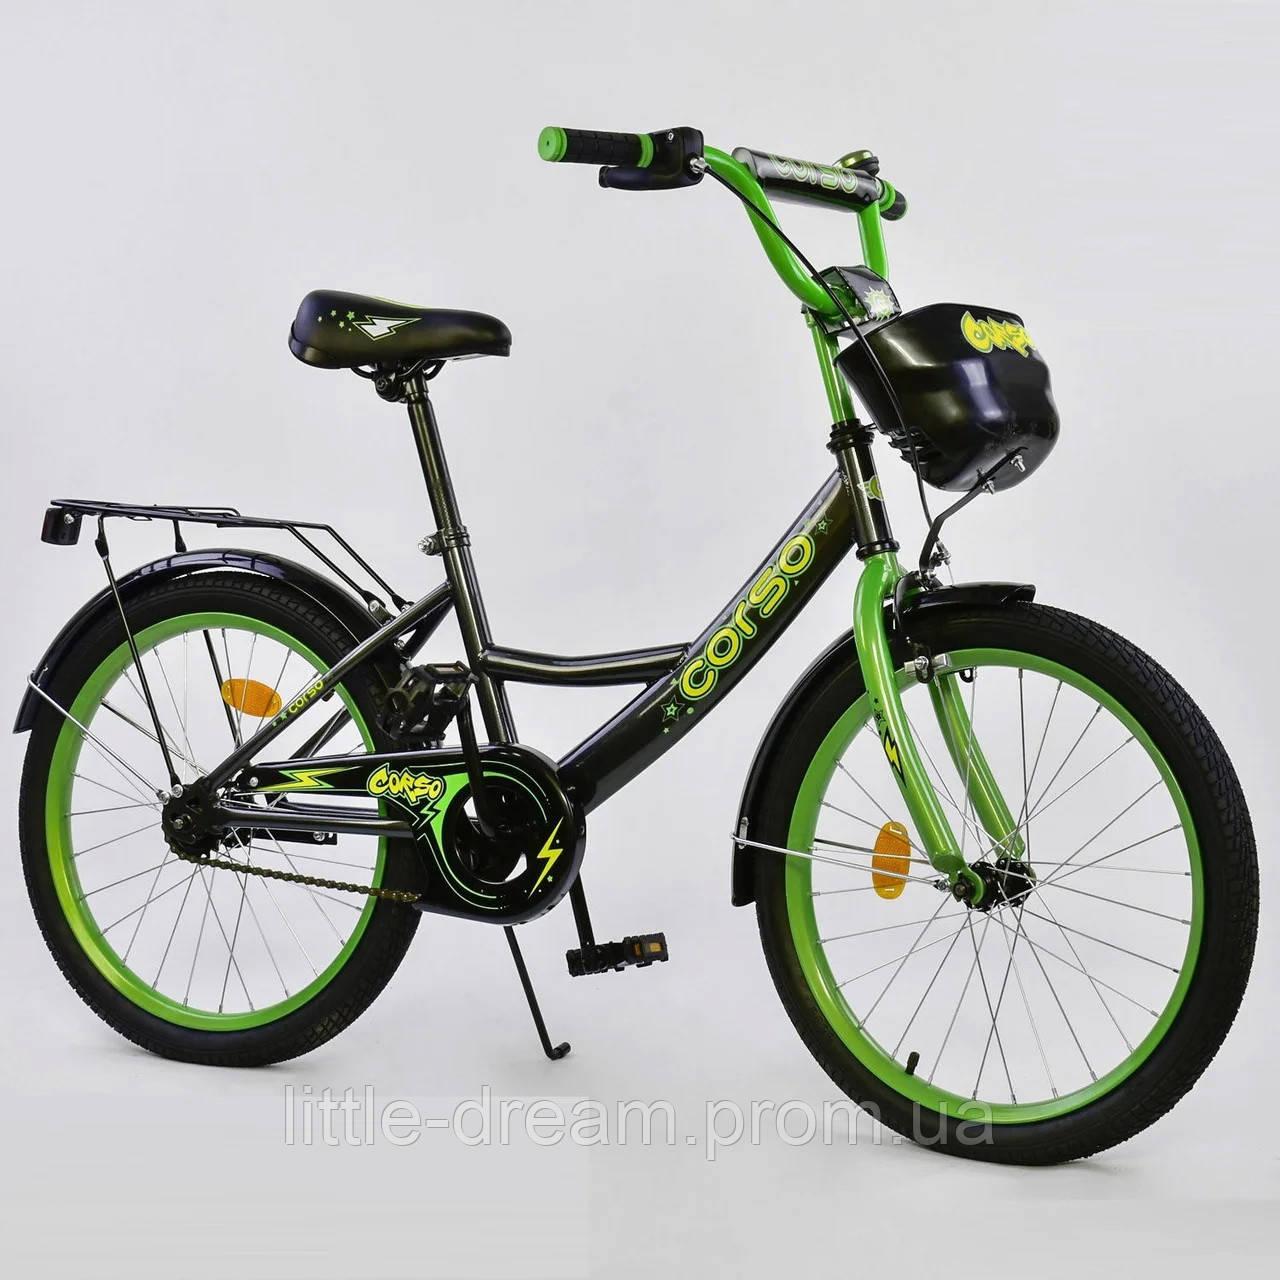 """Детский двухколесный велосипед 20"""" с ручным тормозом металлическими дисками и корзинкой Corso G-20288 черный"""